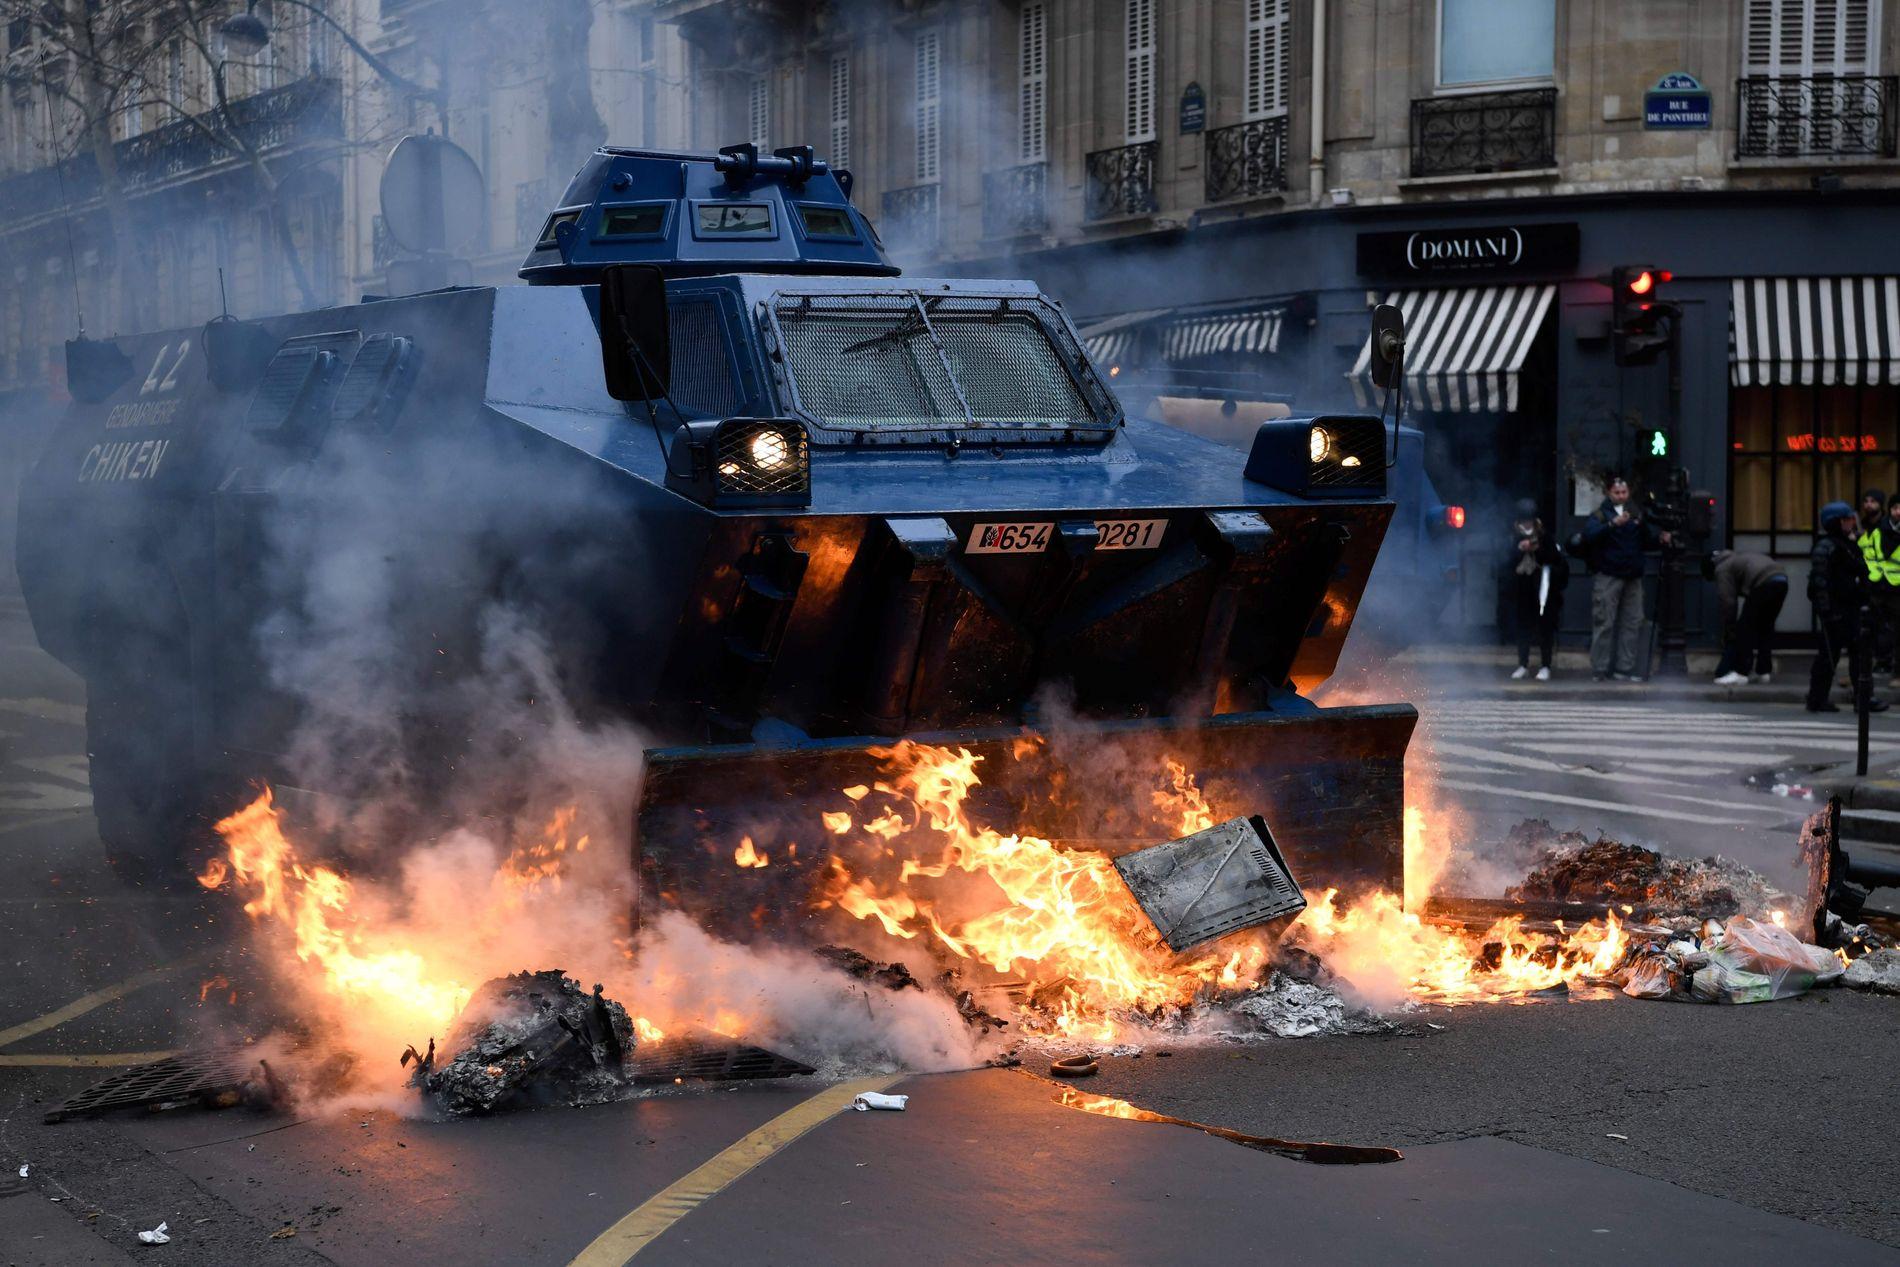 TUNGT UTRUSTET: Det franske gendarmeriet stilte med pansrede kjøretøyer i Champs Elysees.